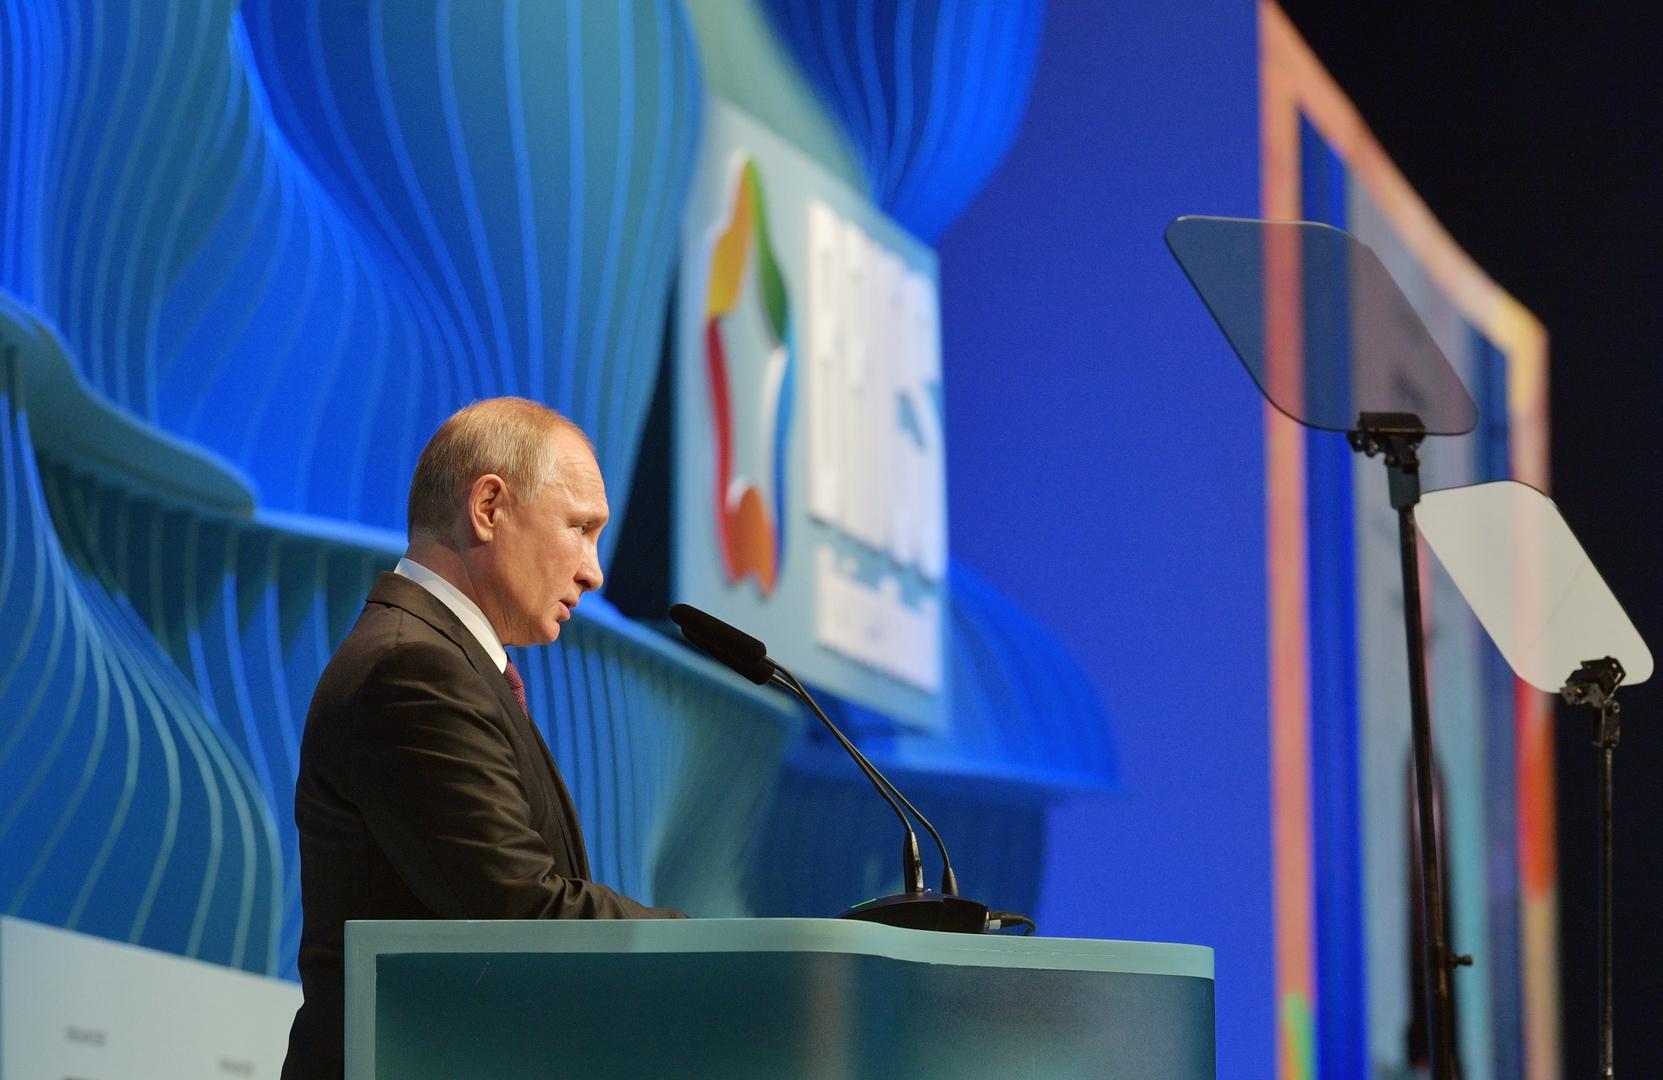 الرئيس الروسي فلاديمير بوتين يلقي كلمة خلال الحفل الختامي لمنتدى بريكس للأعمال في العاصمة البرازيلية